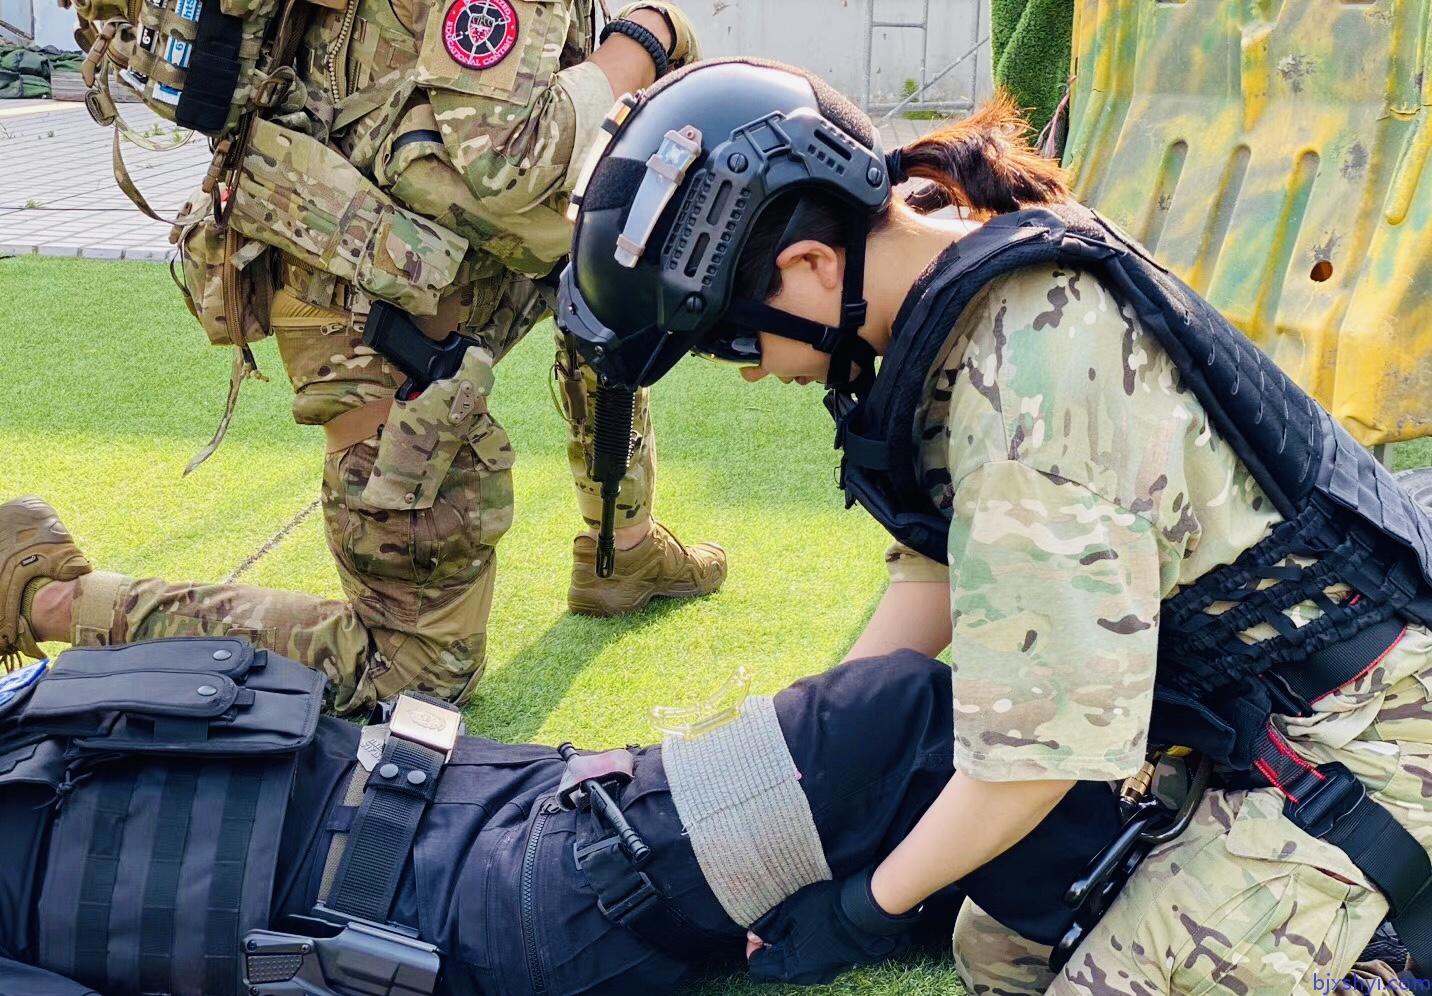 TECC战术紧急伤员救护战术绷带使用